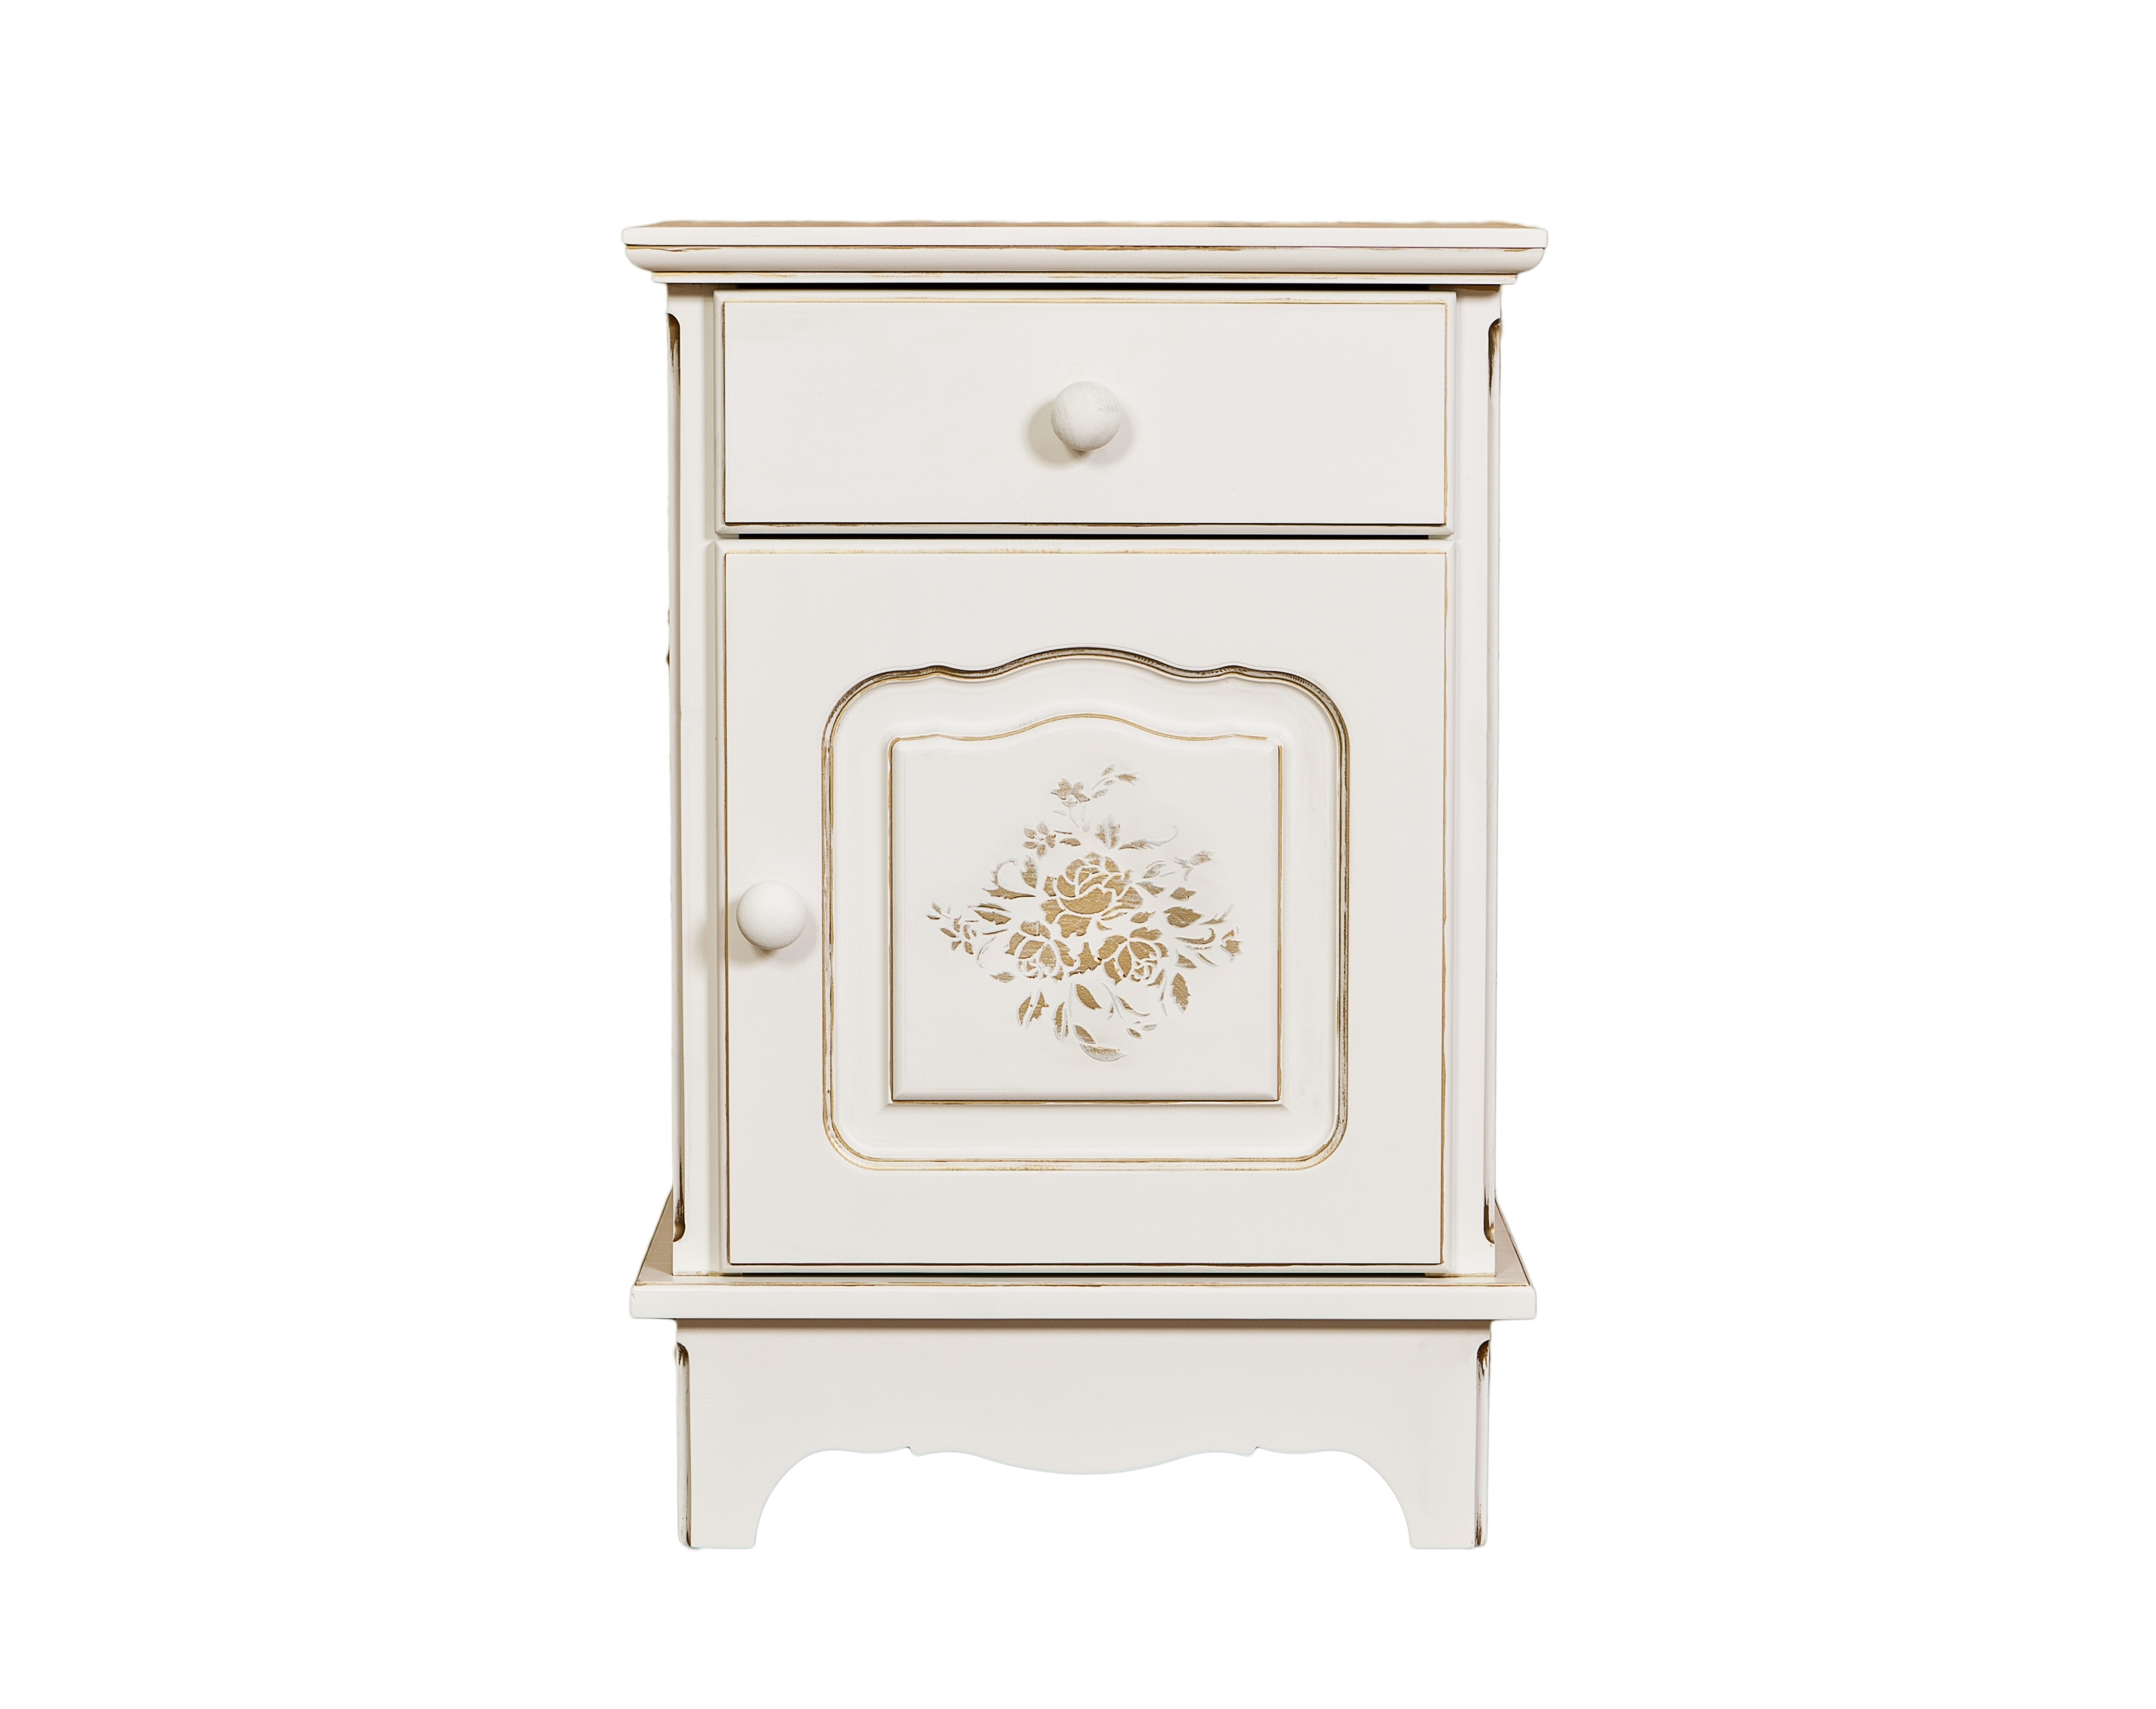 Тумбочка Belle Fleur PatineПрикроватные тумбы, комоды, столики<br>Белая тумбочка в стиле Прованс с золотой патиной и росписью. &amp;amp;nbsp;&amp;lt;div&amp;gt;&amp;lt;br&amp;gt;&amp;lt;/div&amp;gt;&amp;lt;div&amp;gt;Отделка: Belle Fleur Patine - золотая патина мягко переливается солнечными бликами на орнаменте из роз и на всех элементах мебели, благородный образ состаренной мебели в стиле Прованс.&amp;amp;nbsp;&amp;lt;/div&amp;gt;&amp;lt;div&amp;gt;Форма поставки: в собранном виде.&amp;lt;/div&amp;gt;<br><br>Material: Береза<br>Width см: 45<br>Depth см: 32,5<br>Height см: 65